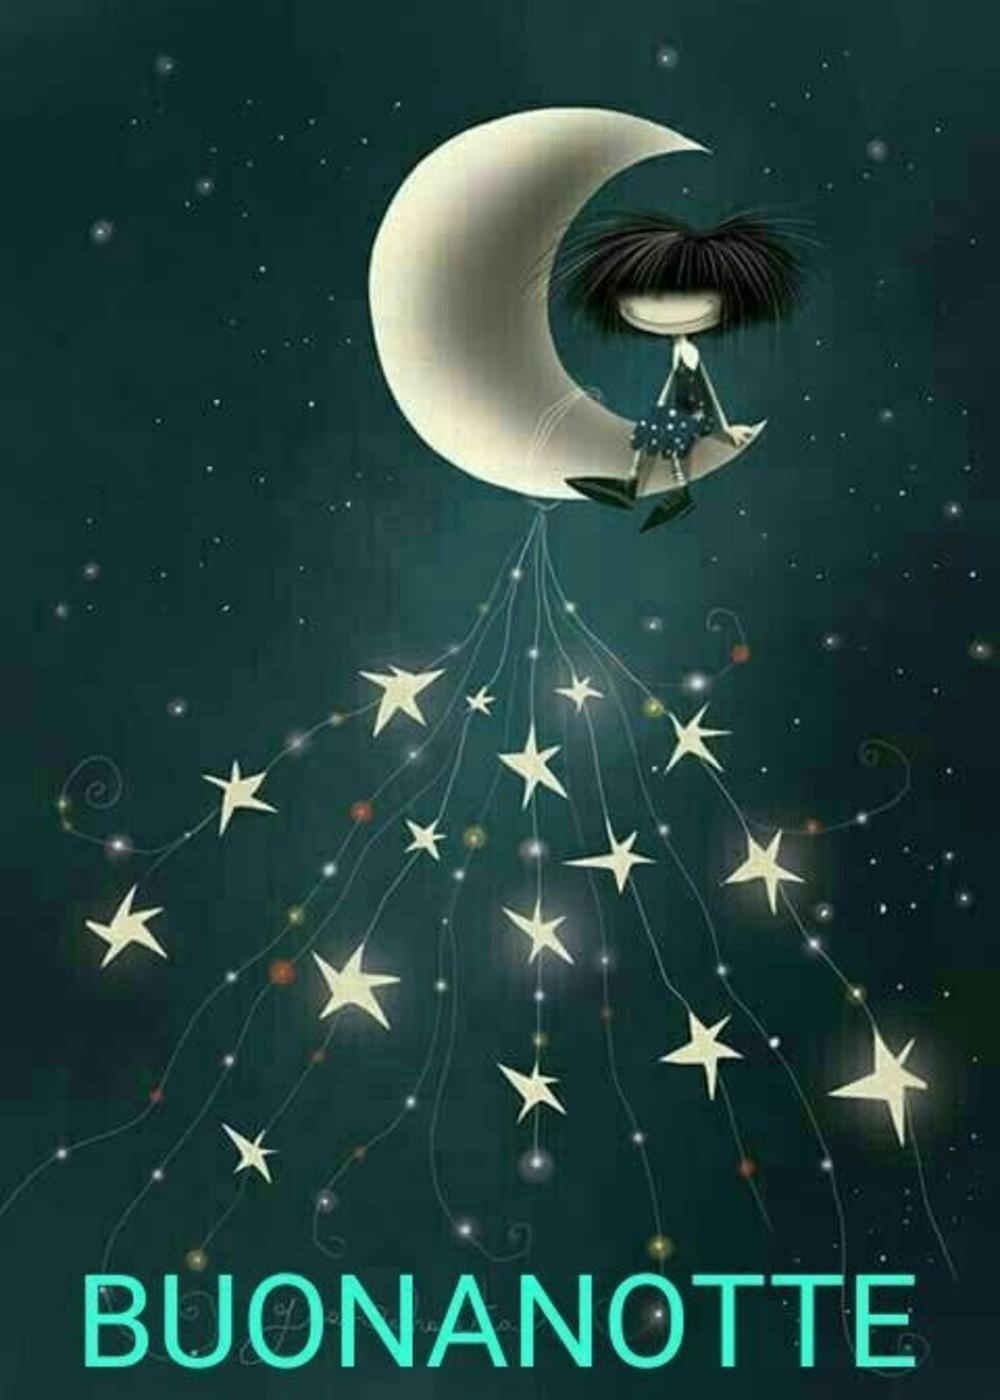 Buonanotte Immagini Belle E Nuove 4 Buongiornocolsorriso It